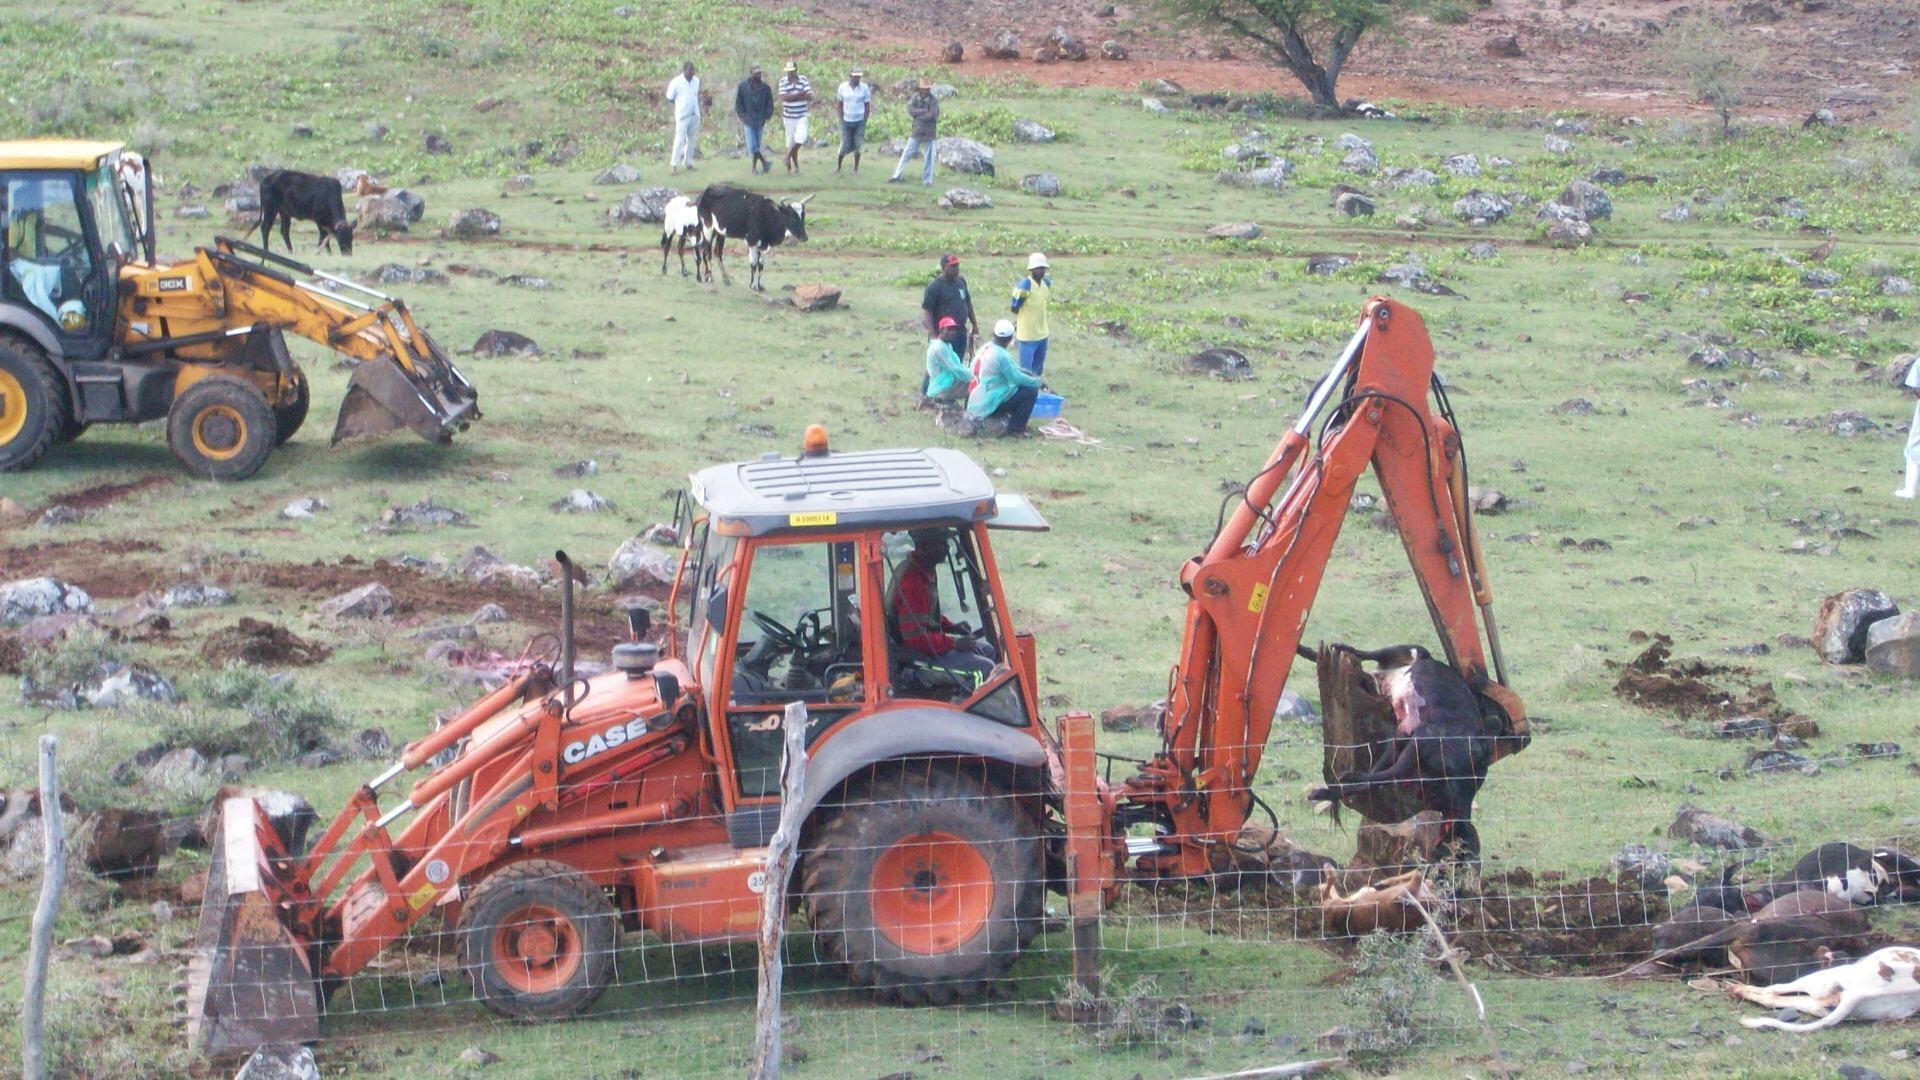 Les animaux tués par les autorités ont été ramassés à la pelleteuse, avant d'être enterrés. Photo transmise par un journaliste à un habitant, qui l'a envoyée à France 24 (avec son accord).